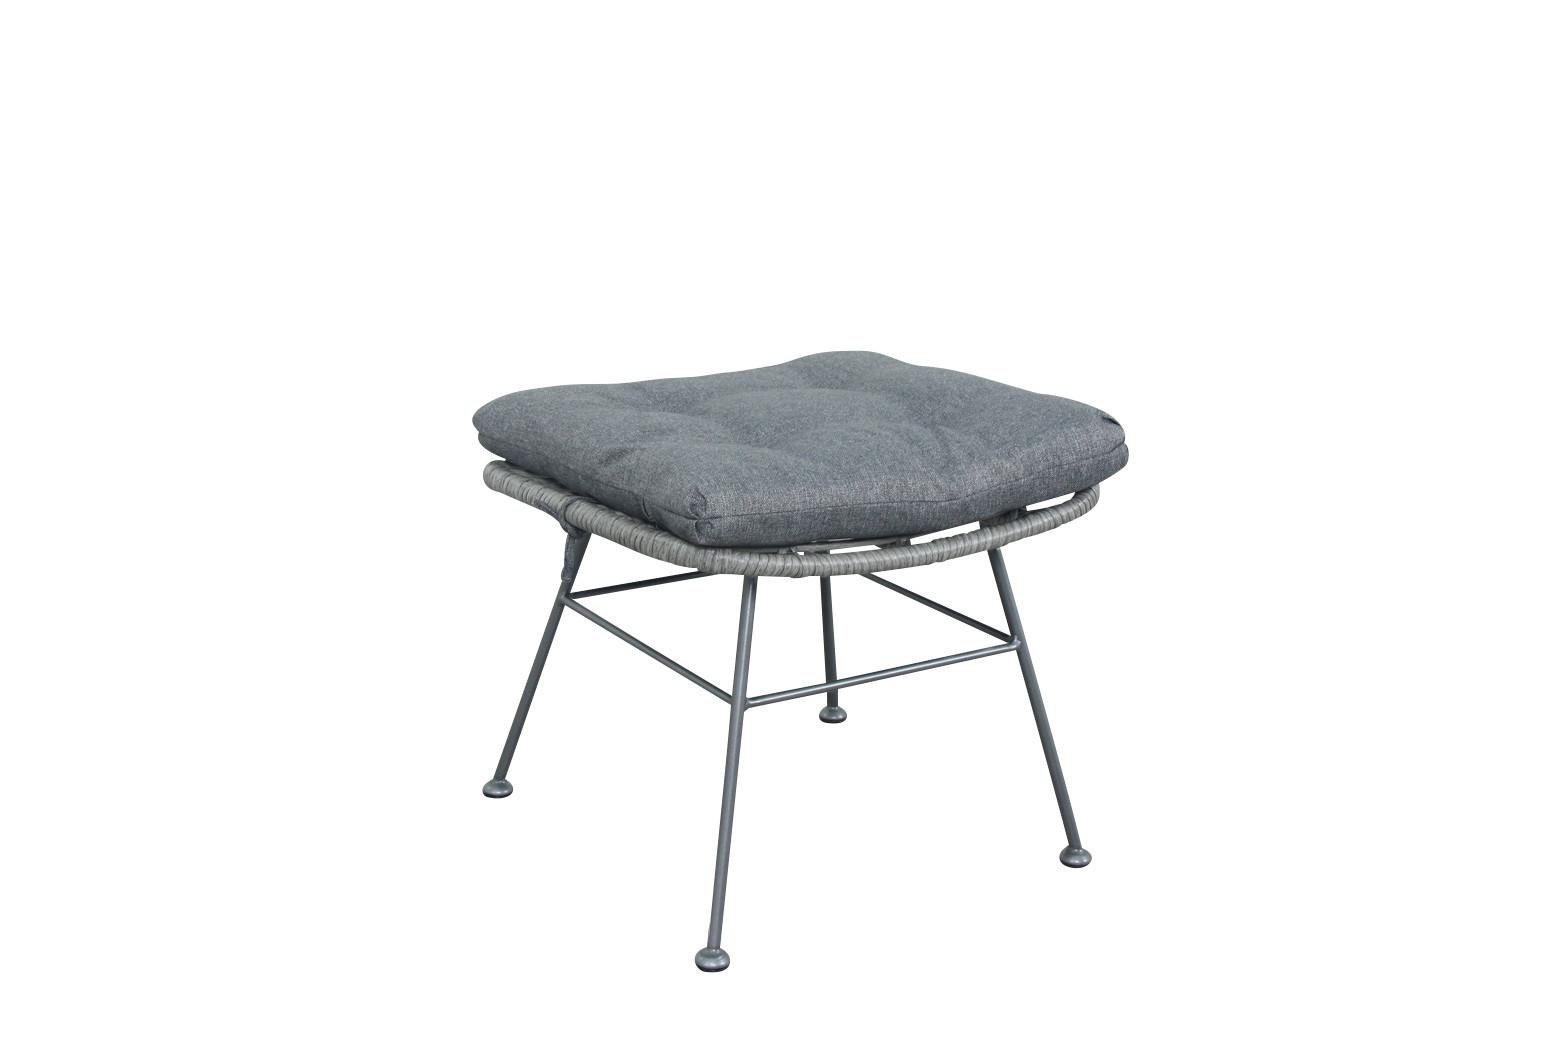 Van Wohi Leco kruk voor relaxstoel Martha (50 x 47 x 40 cm) (37602 999) Prijsvergelijk nu!